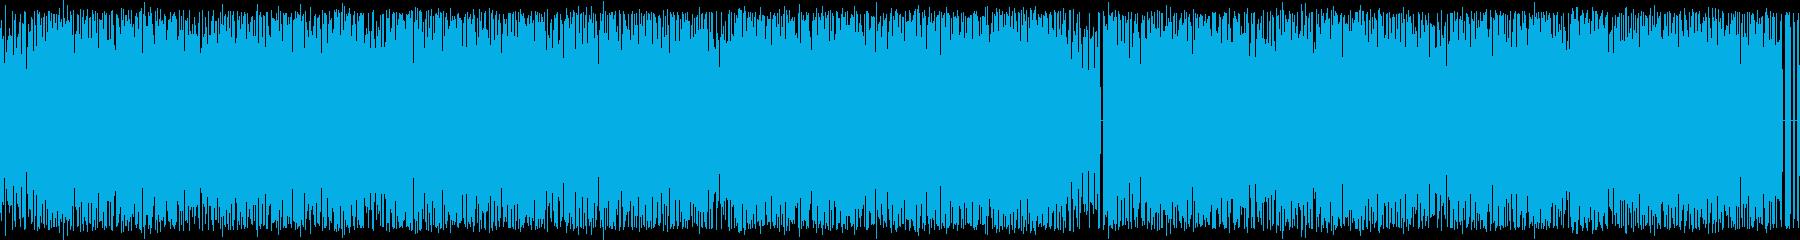 ブブタンの冒険の再生済みの波形